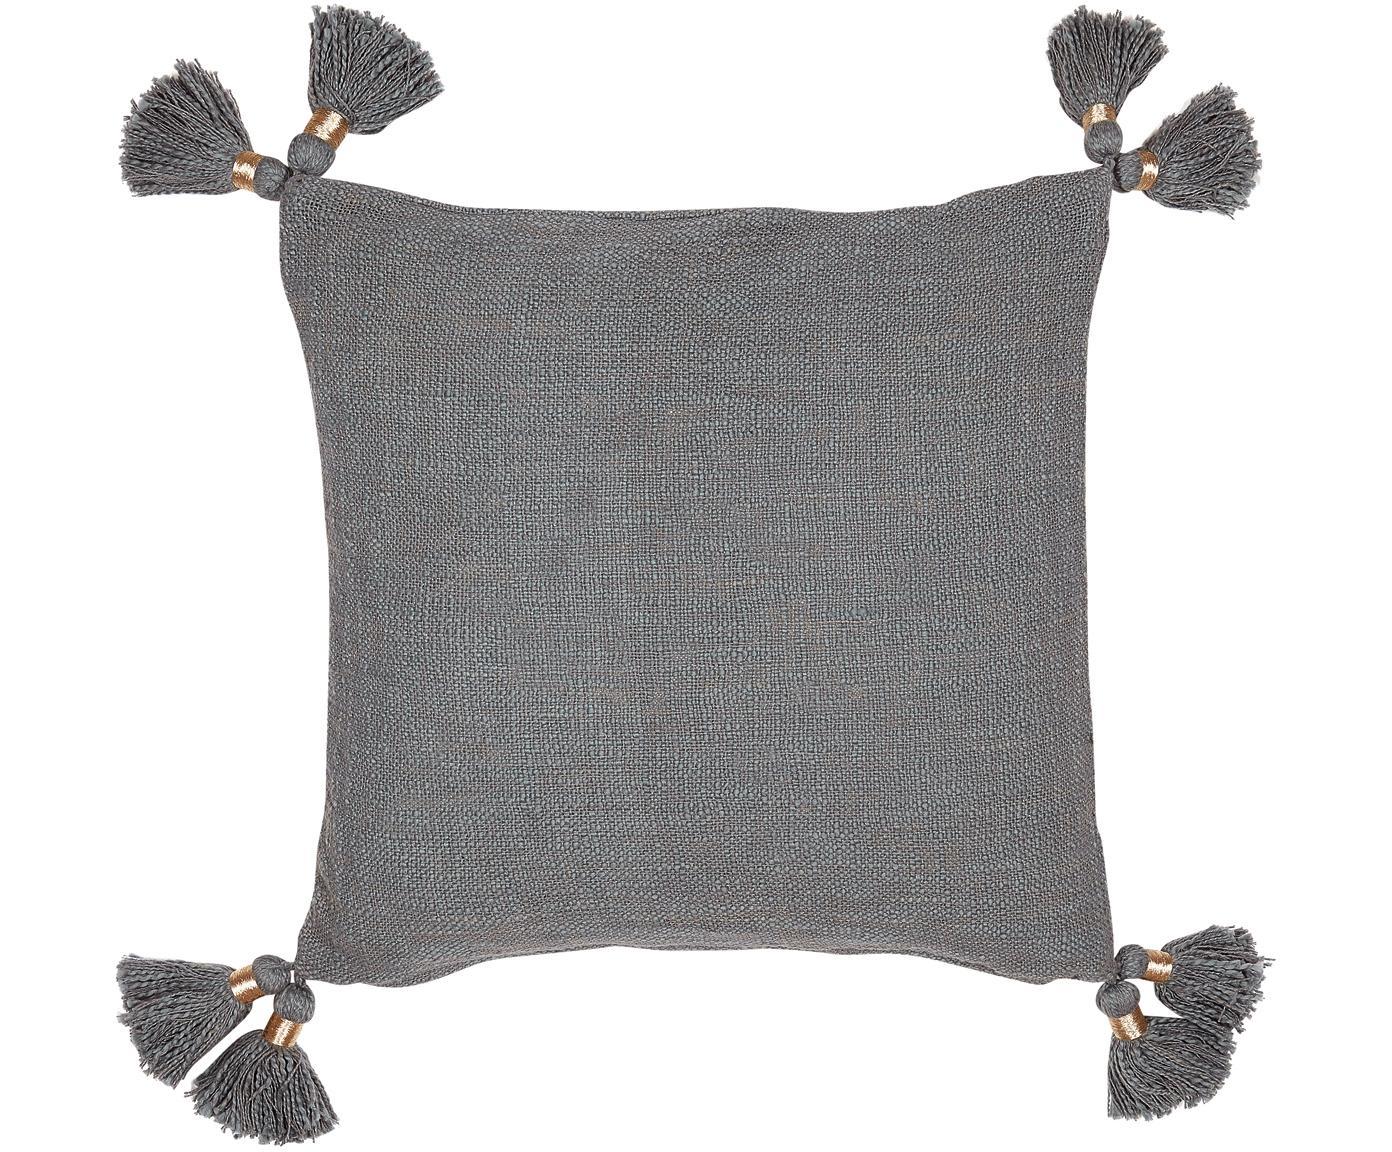 Kussenhoes Fly van biokatoen met kwastjes, Biokatoen, Lichtgrijs, 45 x 45 cm